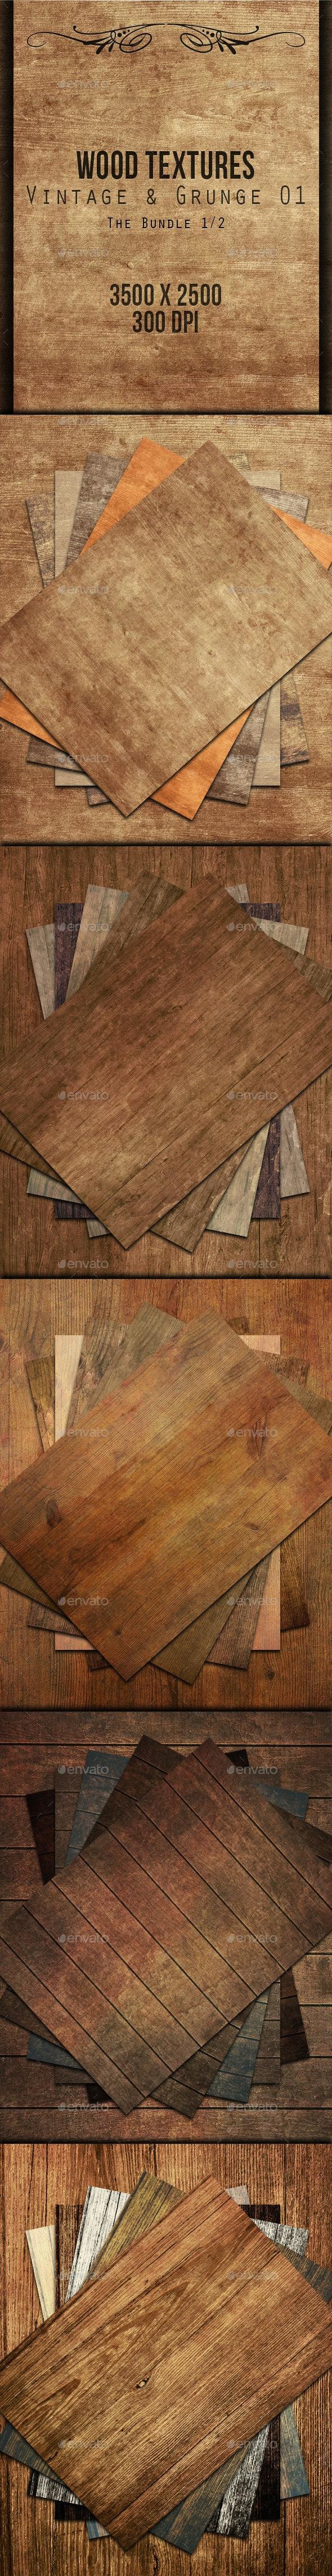 Wood Textures Bundle - Vintage & Grunge 01